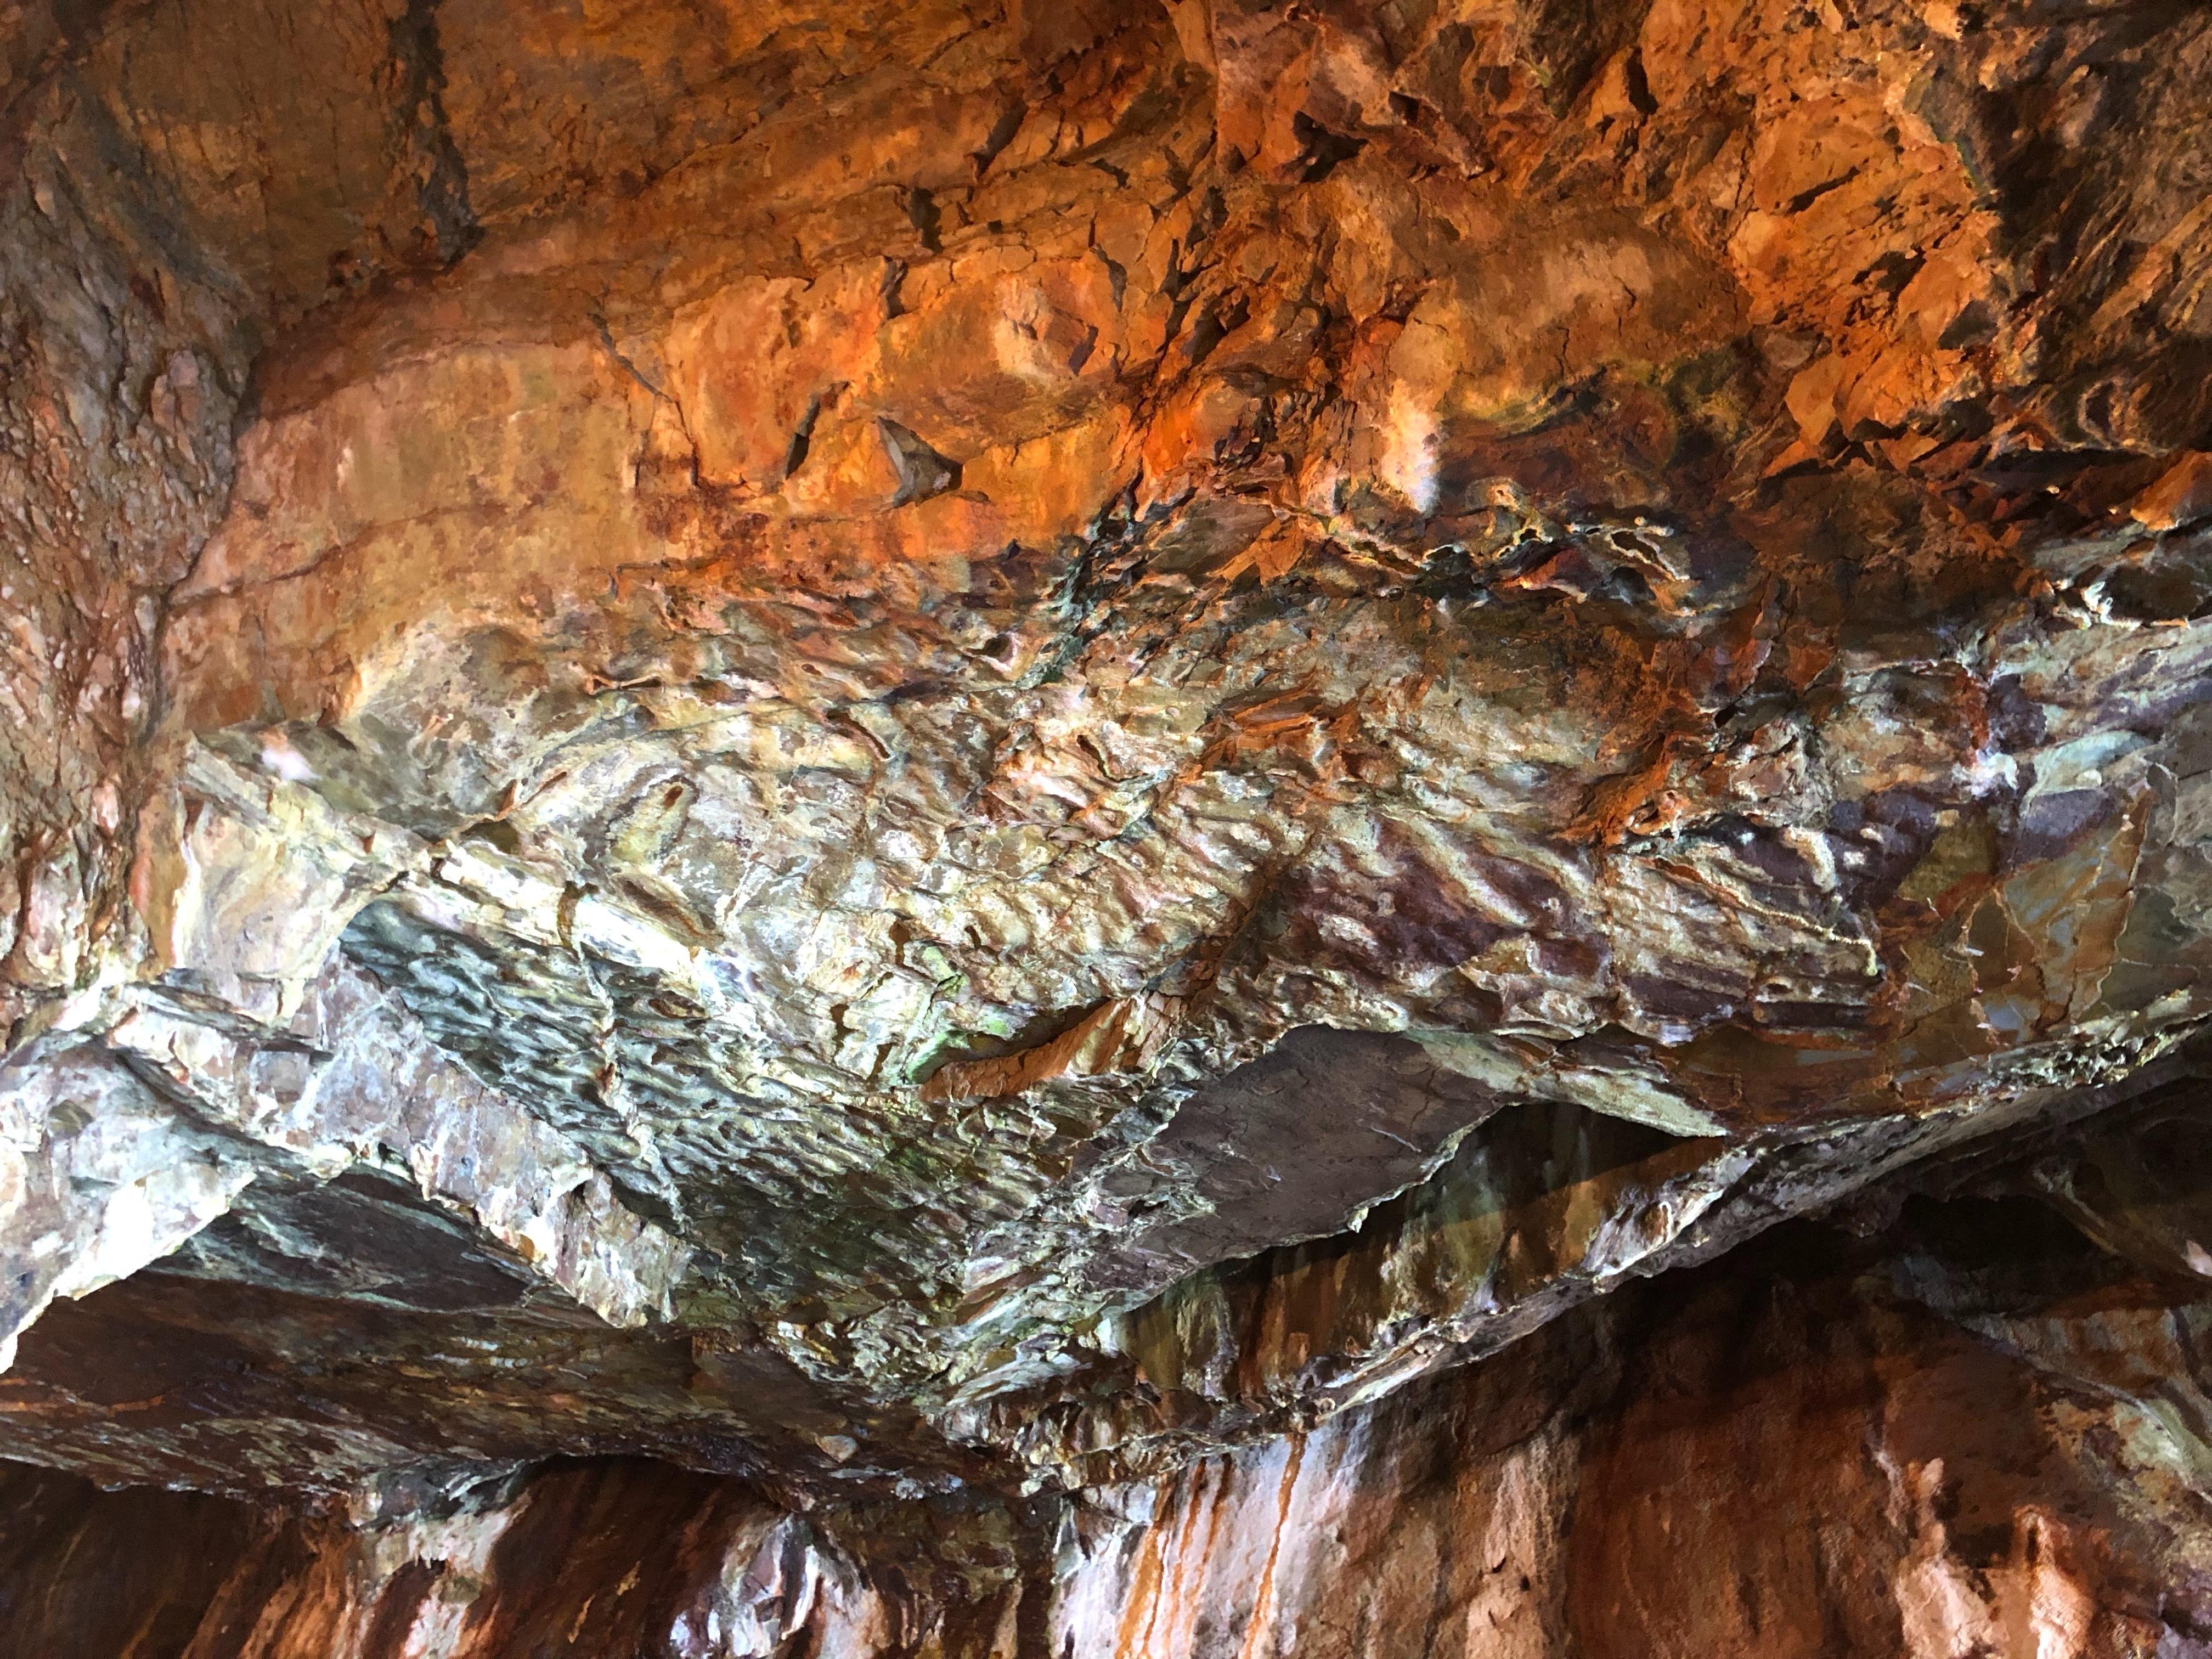 ぴーきち&ダイナ 和歌山南紀白浜ツーリング 三段壁洞窟 蓮痕